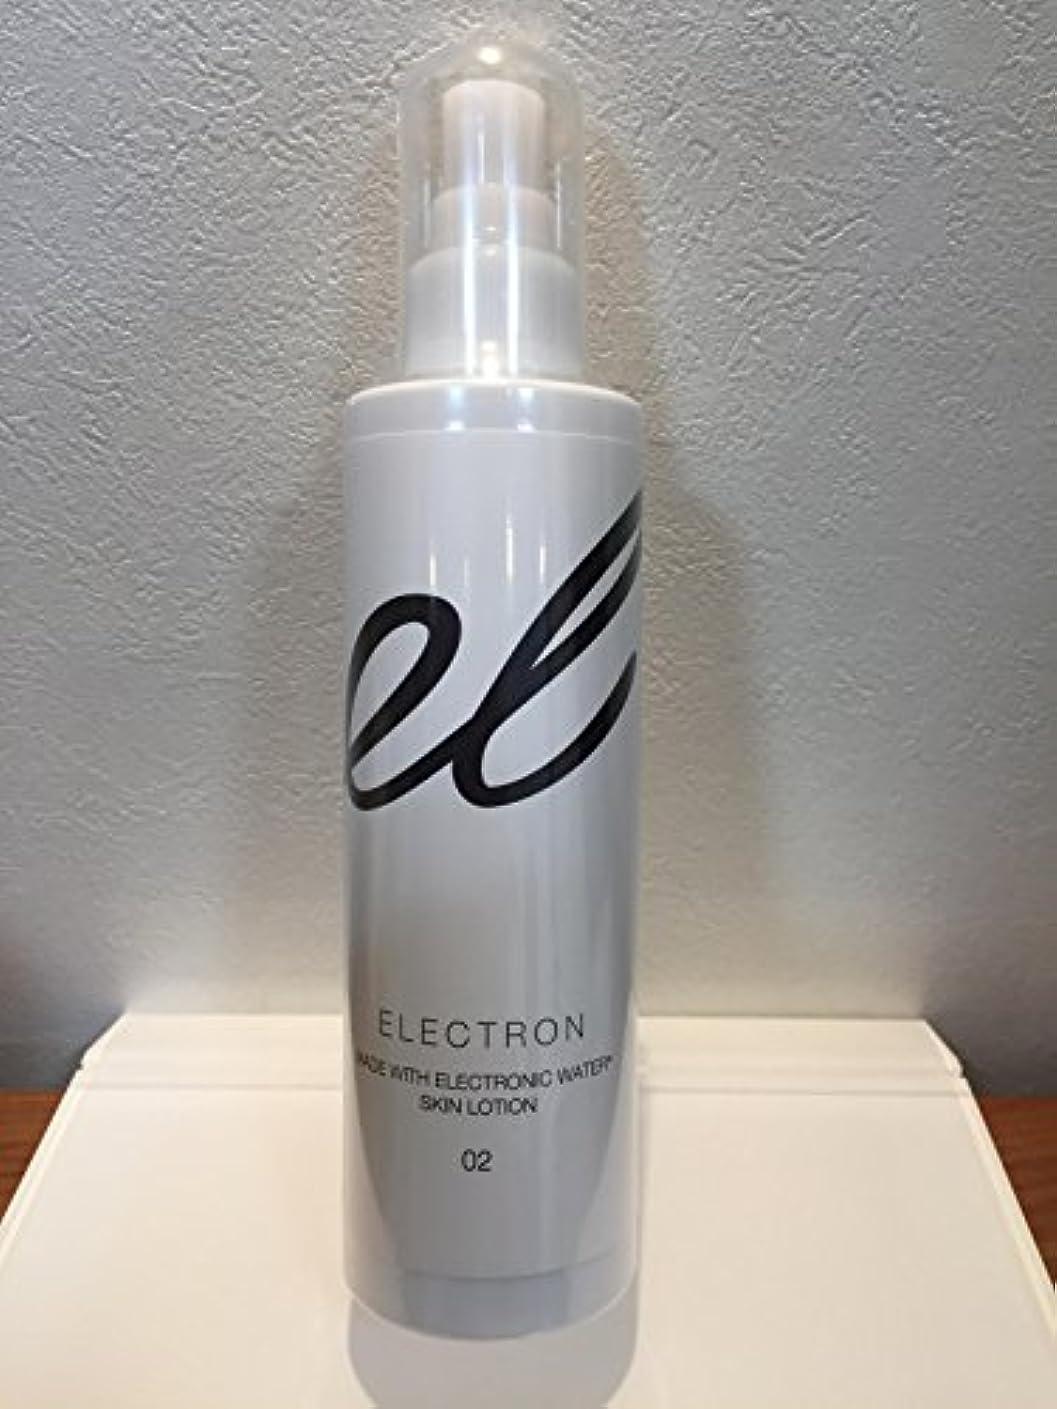 観点陰謀撤回するエレクトロン エレクトロン スキンローション(化粧水)《200ml》